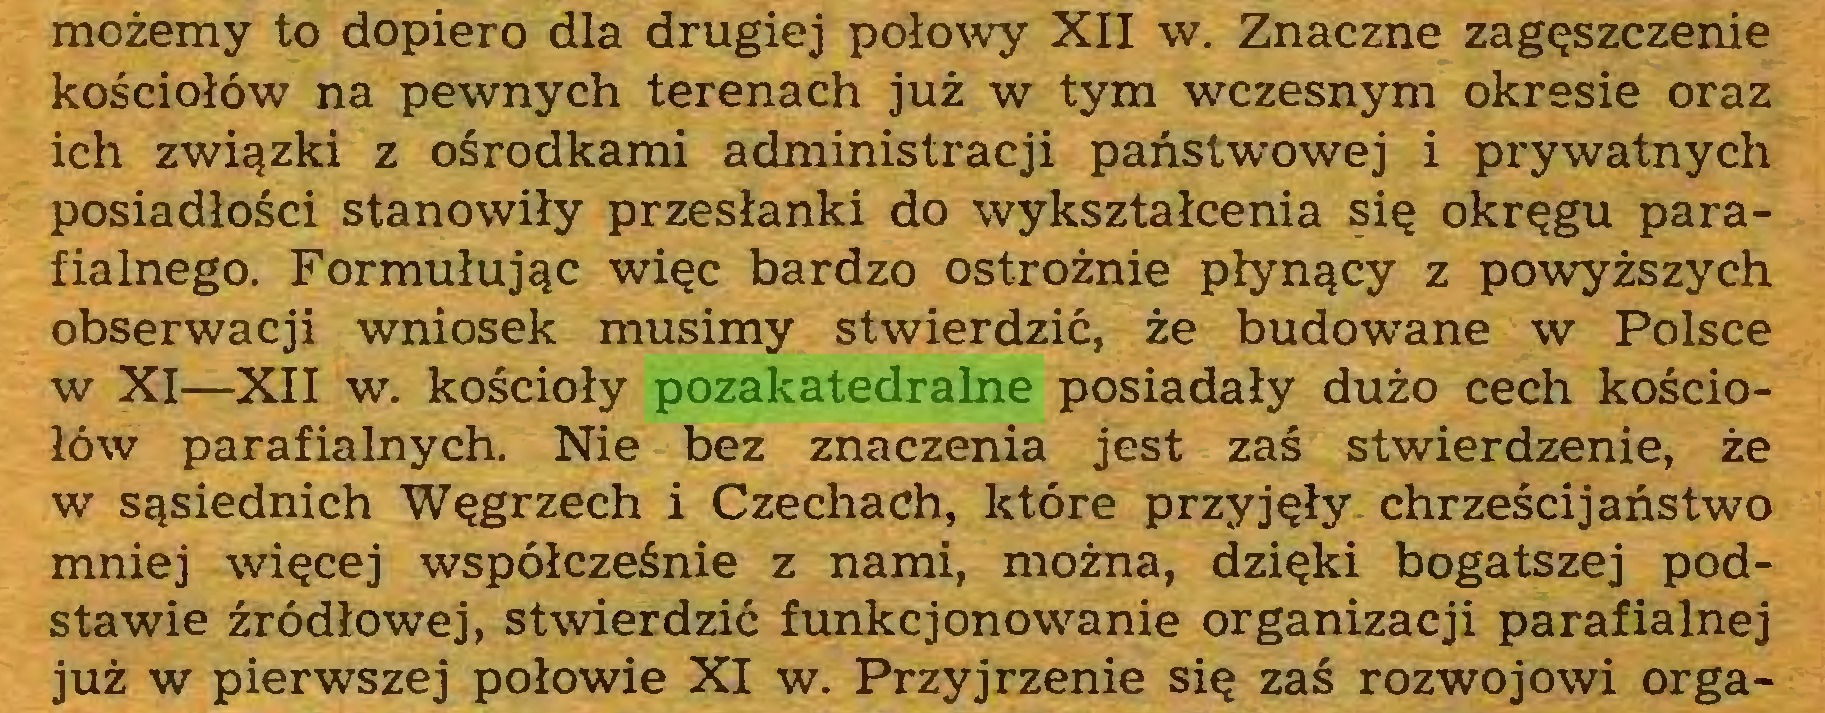 (...) możemy to dopiero dla drugiej połowy XII w. Znaczne zagęszczenie kościołów na pewnych terenach już w tym wczesnym okresie oraz ich związki z ośrodkami administracji państwowej i prywatnych posiadłości stanowiły przesłanki do wykształcenia się okręgu parafialnego. Formułując więc bardzo ostrożnie płynący z powyższych obserwacji wniosek musimy stwierdzić, że budowane w Polsce w XI—XII w. kościoły pozakatedralne posiadały dużo cech kościołów parafialnych. Nie bez znaczenia jest zaś stwierdzenie, że w sąsiednich Węgrzech i Czechach, które przyjęły chrześcijaństwo mniej więcej współcześnie z nami, można, dzięki bogatszej podstawie źródłowej, stwierdzić funkcjonowanie organizacji parafialnej już w pierwszej połowie XI w. Przyjrzenie się zaś rozwojowi orga...